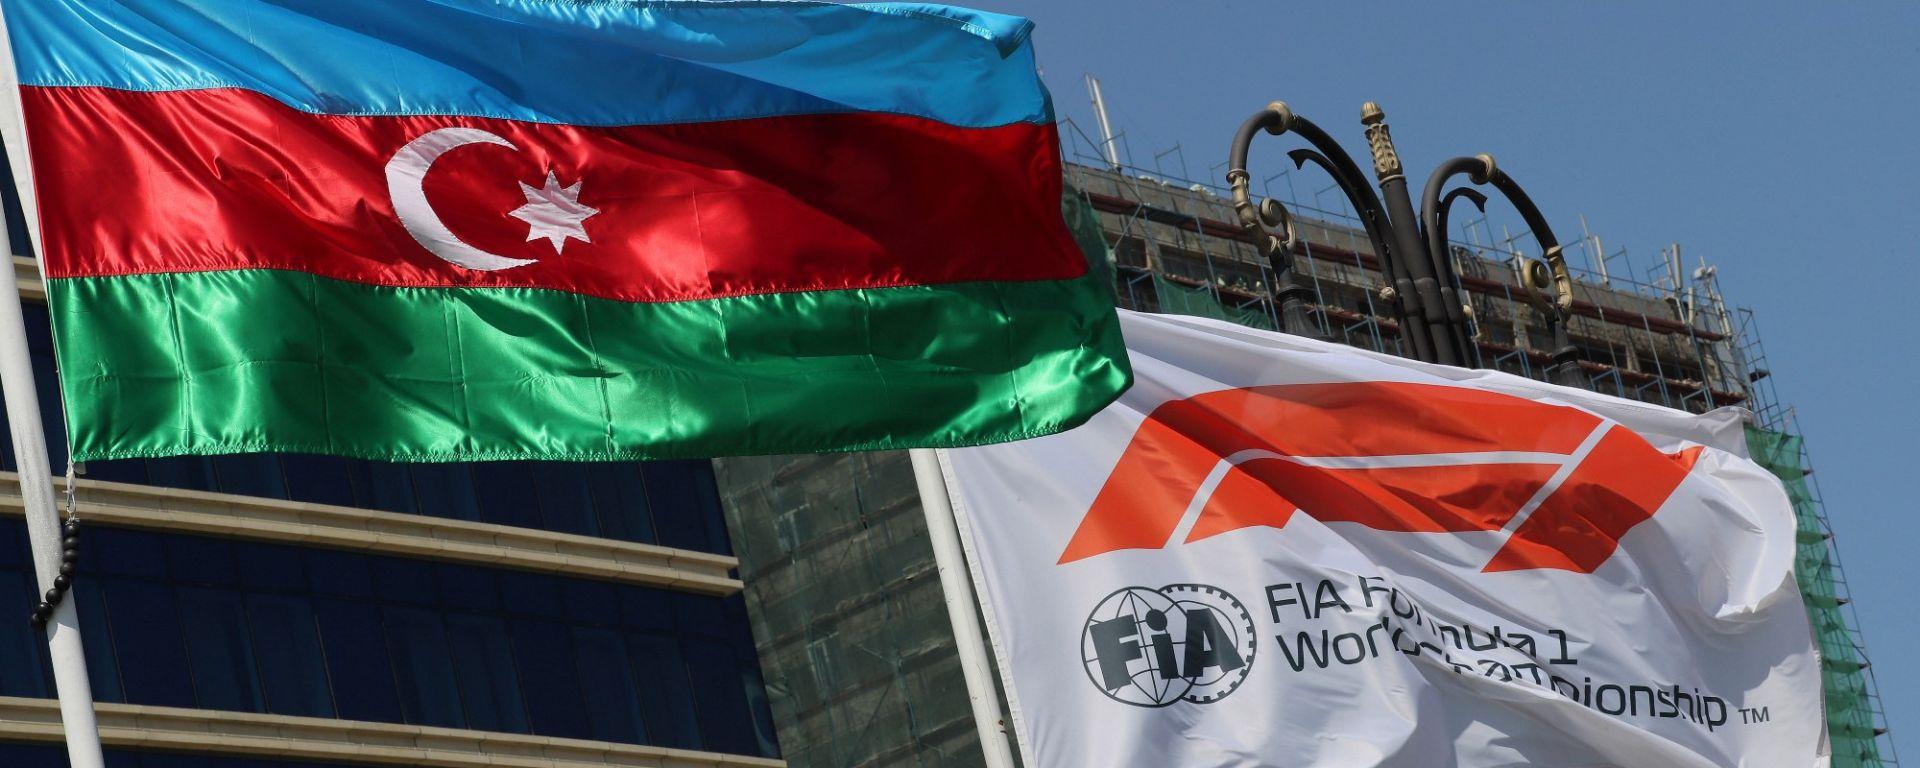 F1 GP Azerbaijan 2019: orari, meteo, risultati prove, qualifiche e gara